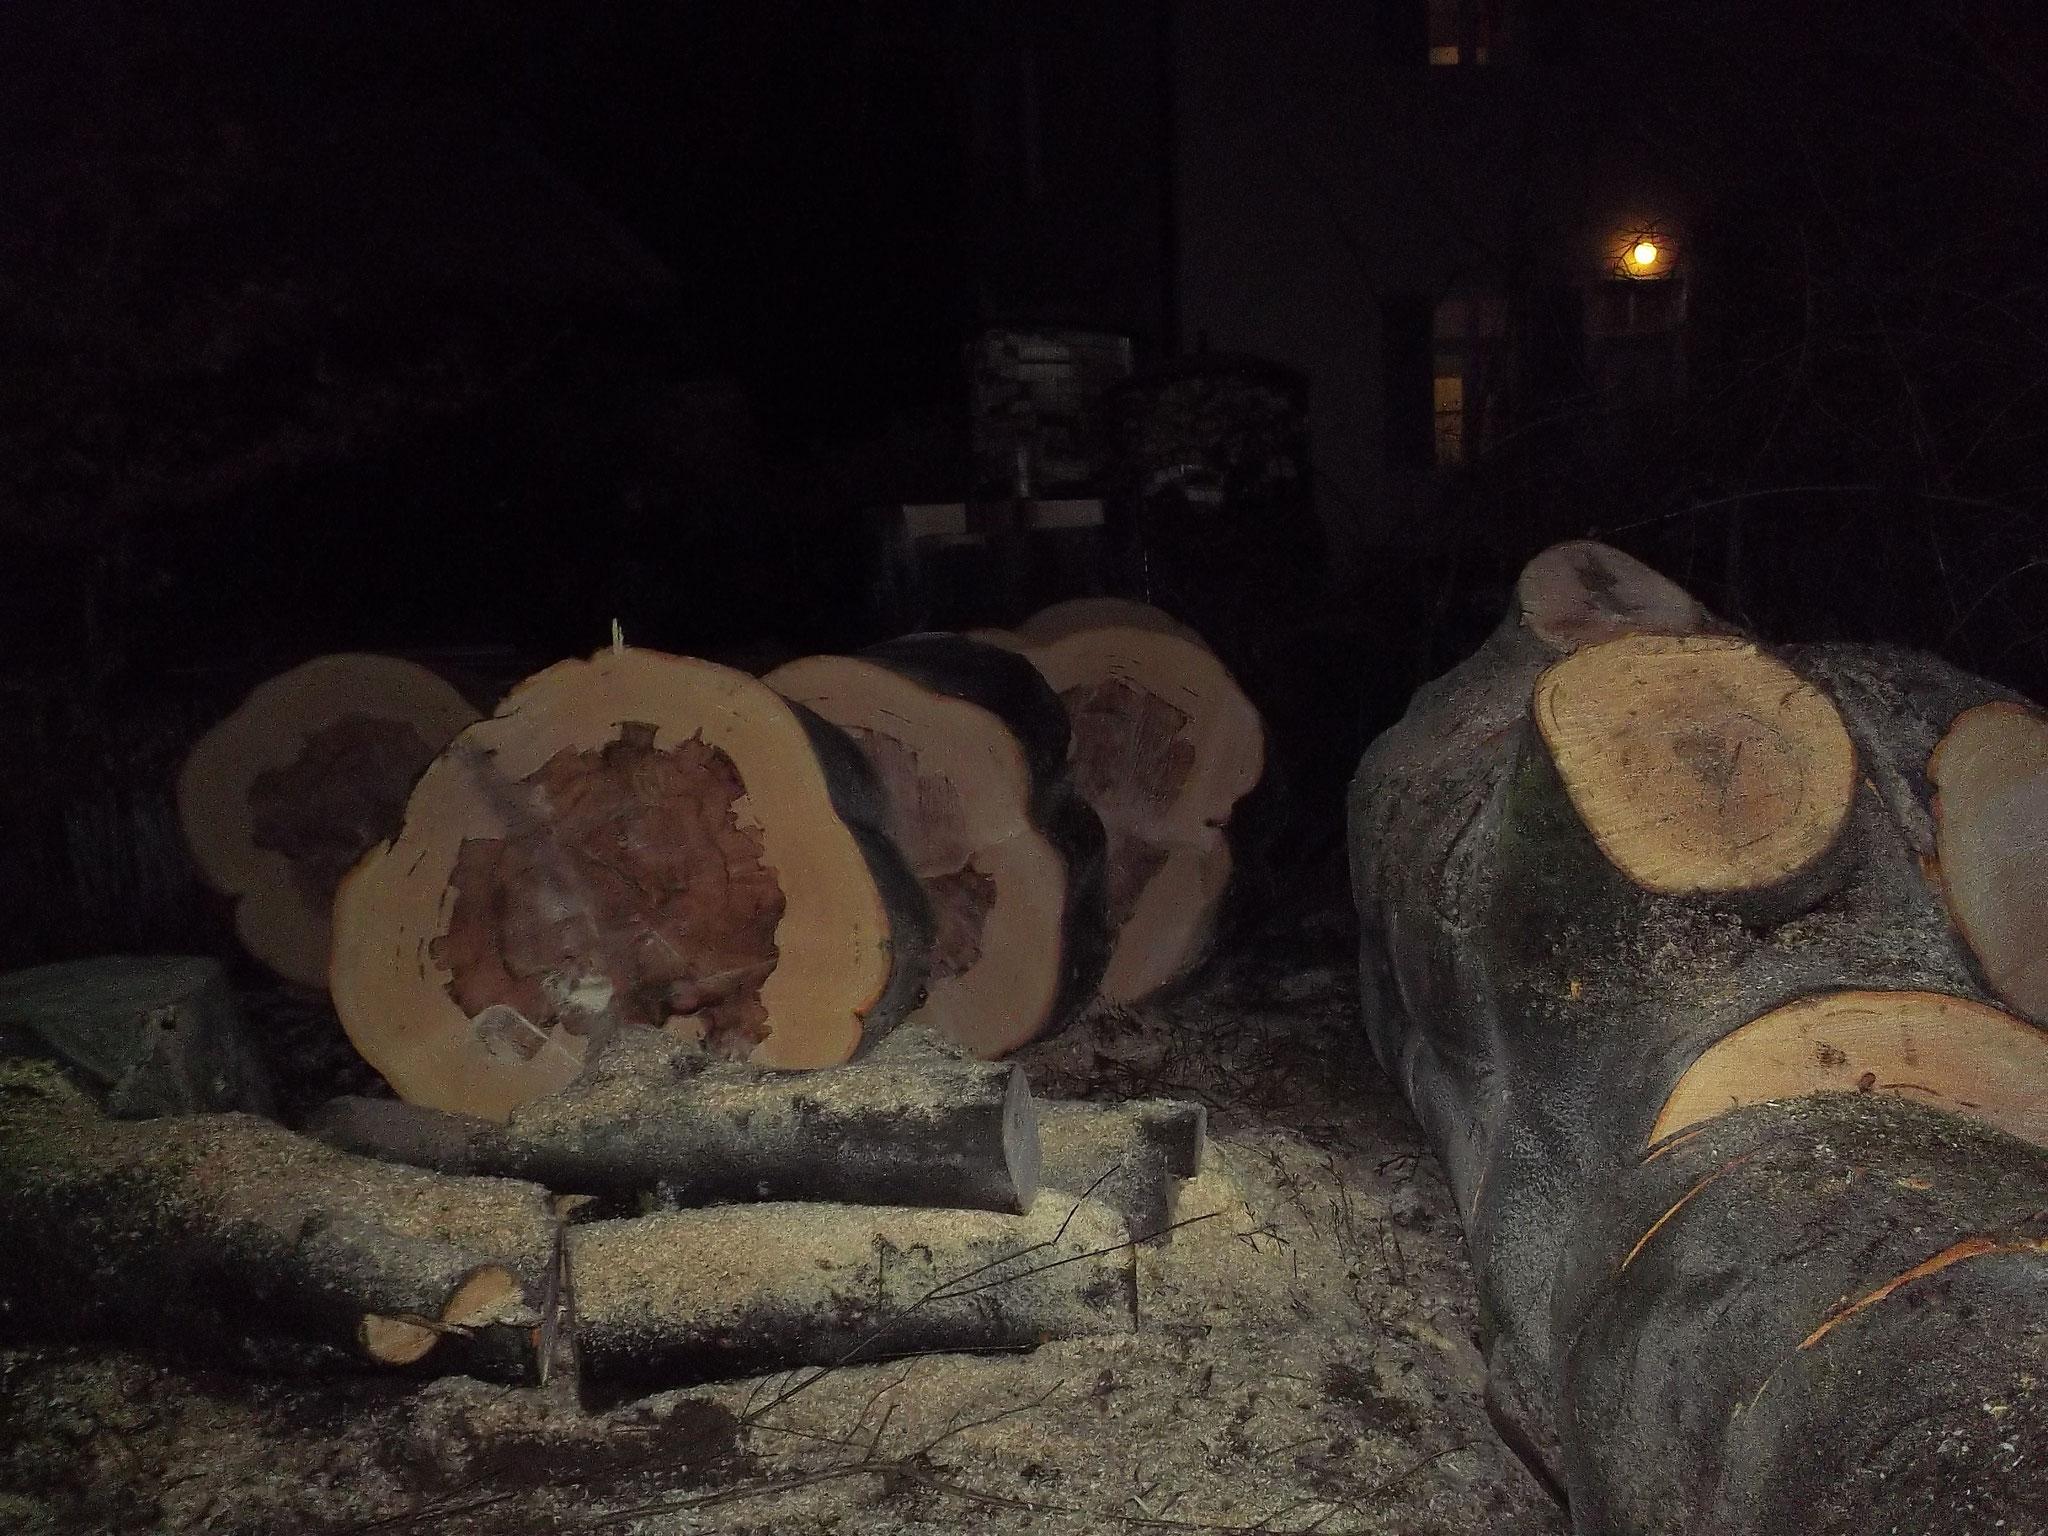 Baumfällung München - Wenn die Tage kürzer werden und die Arbeit fertig werden muß.